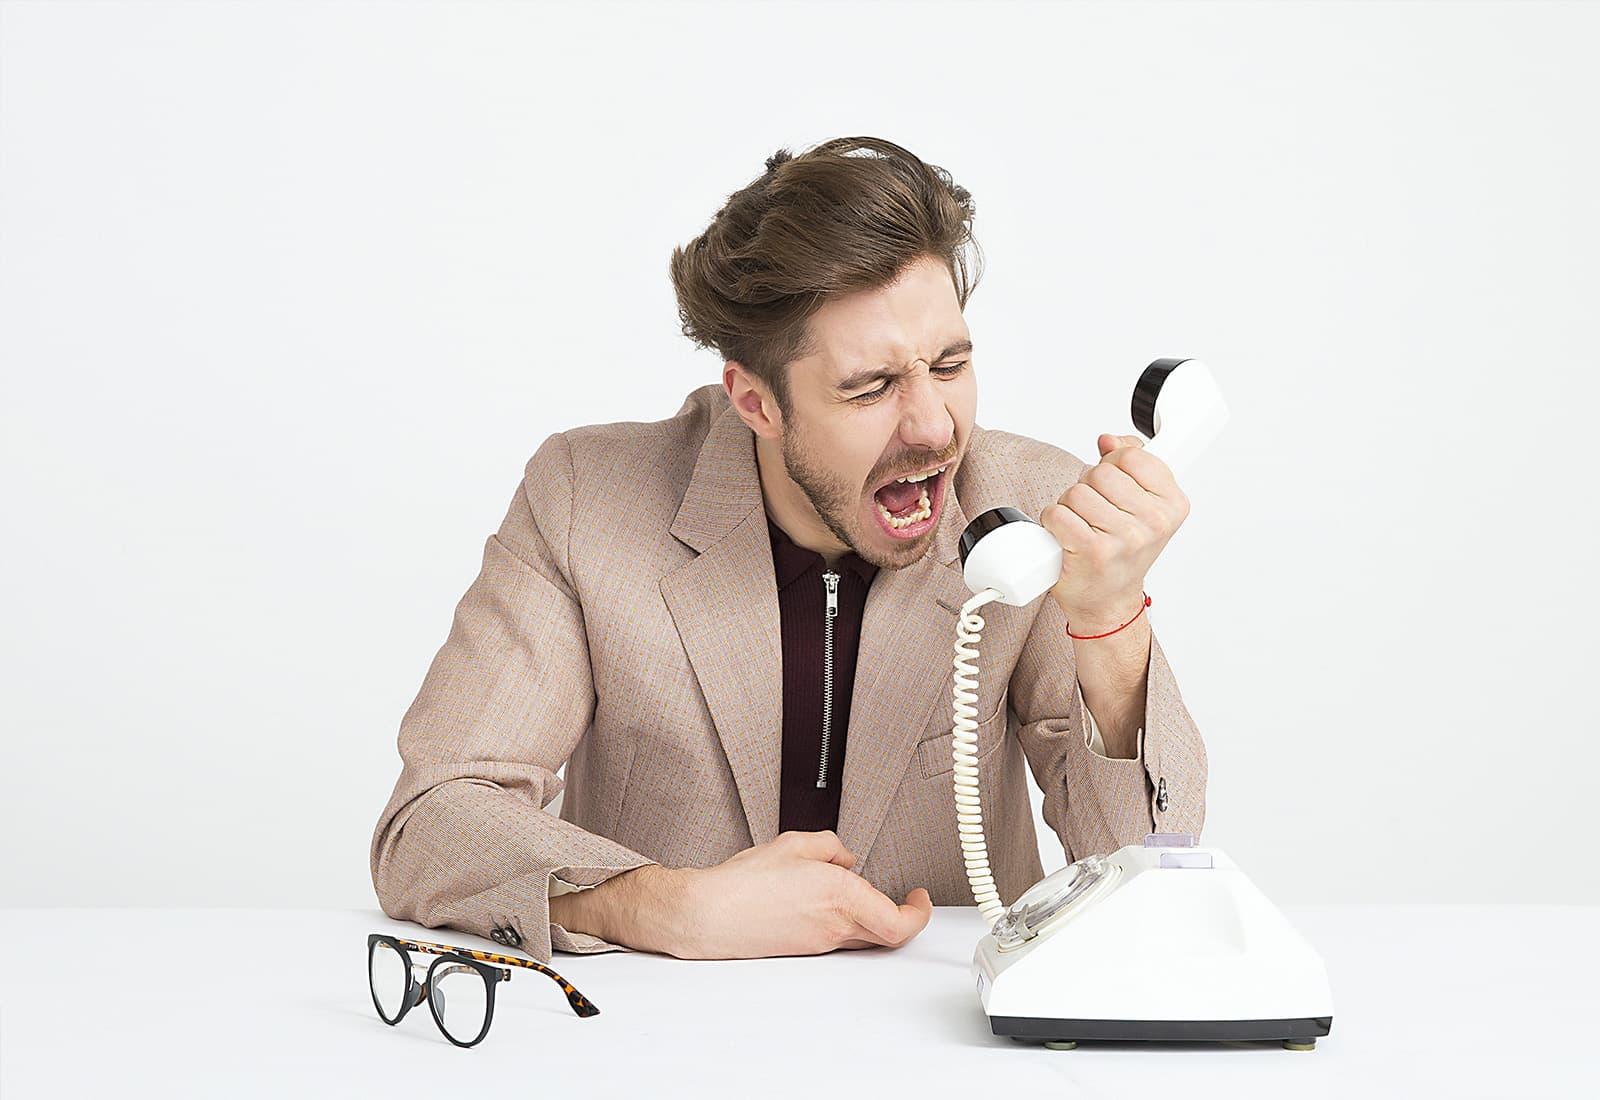 Arbeitswelt - Was tun, wenn der Chef ständig ausrastet?